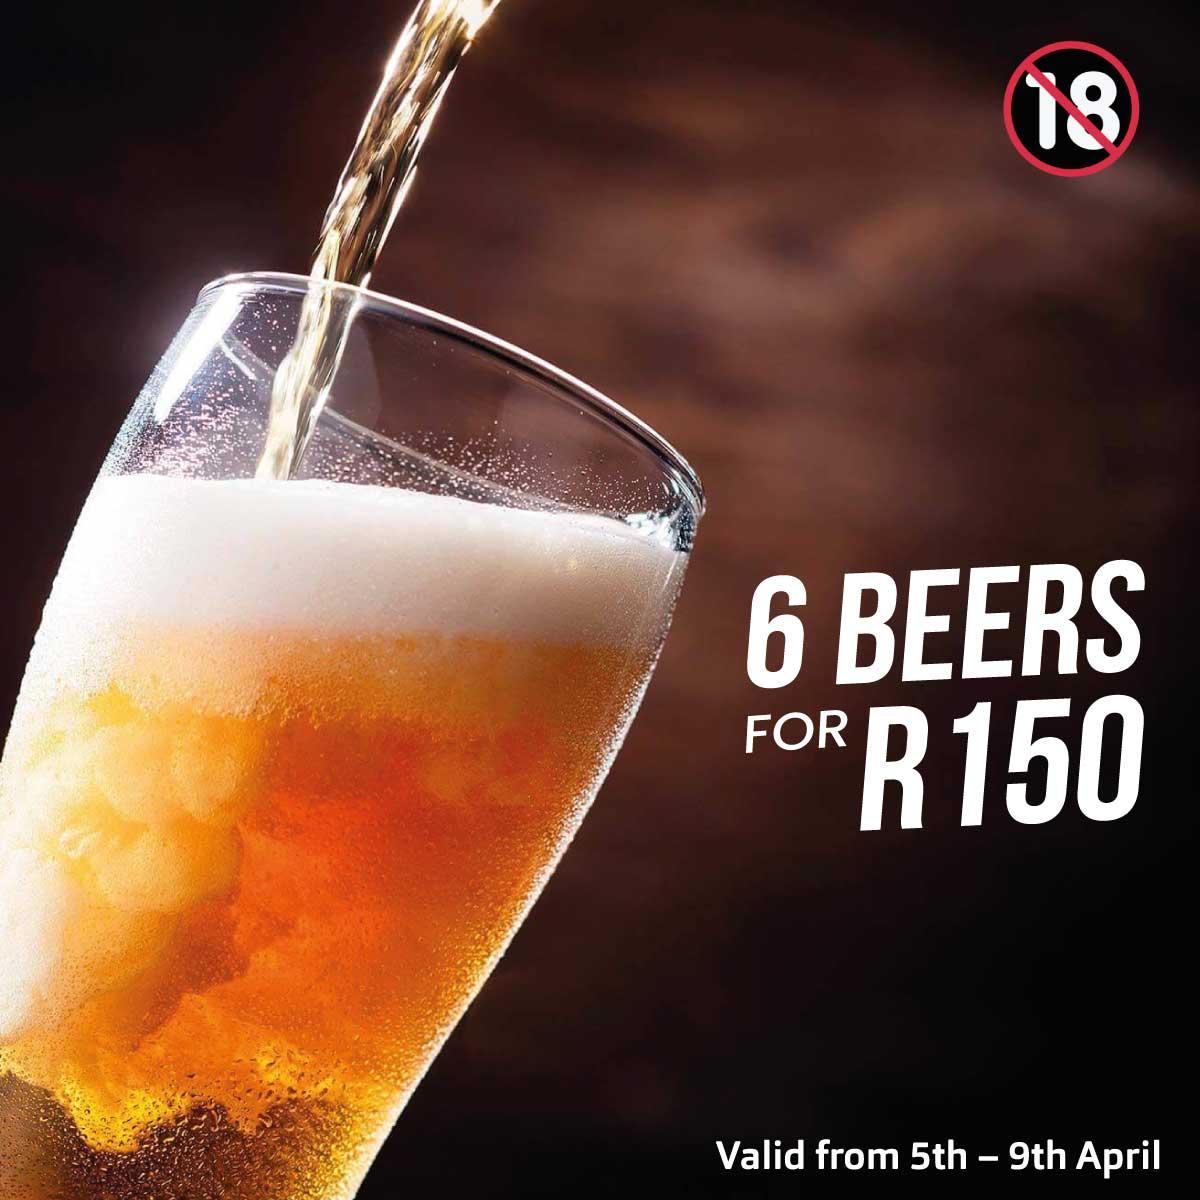 6 Beer Special